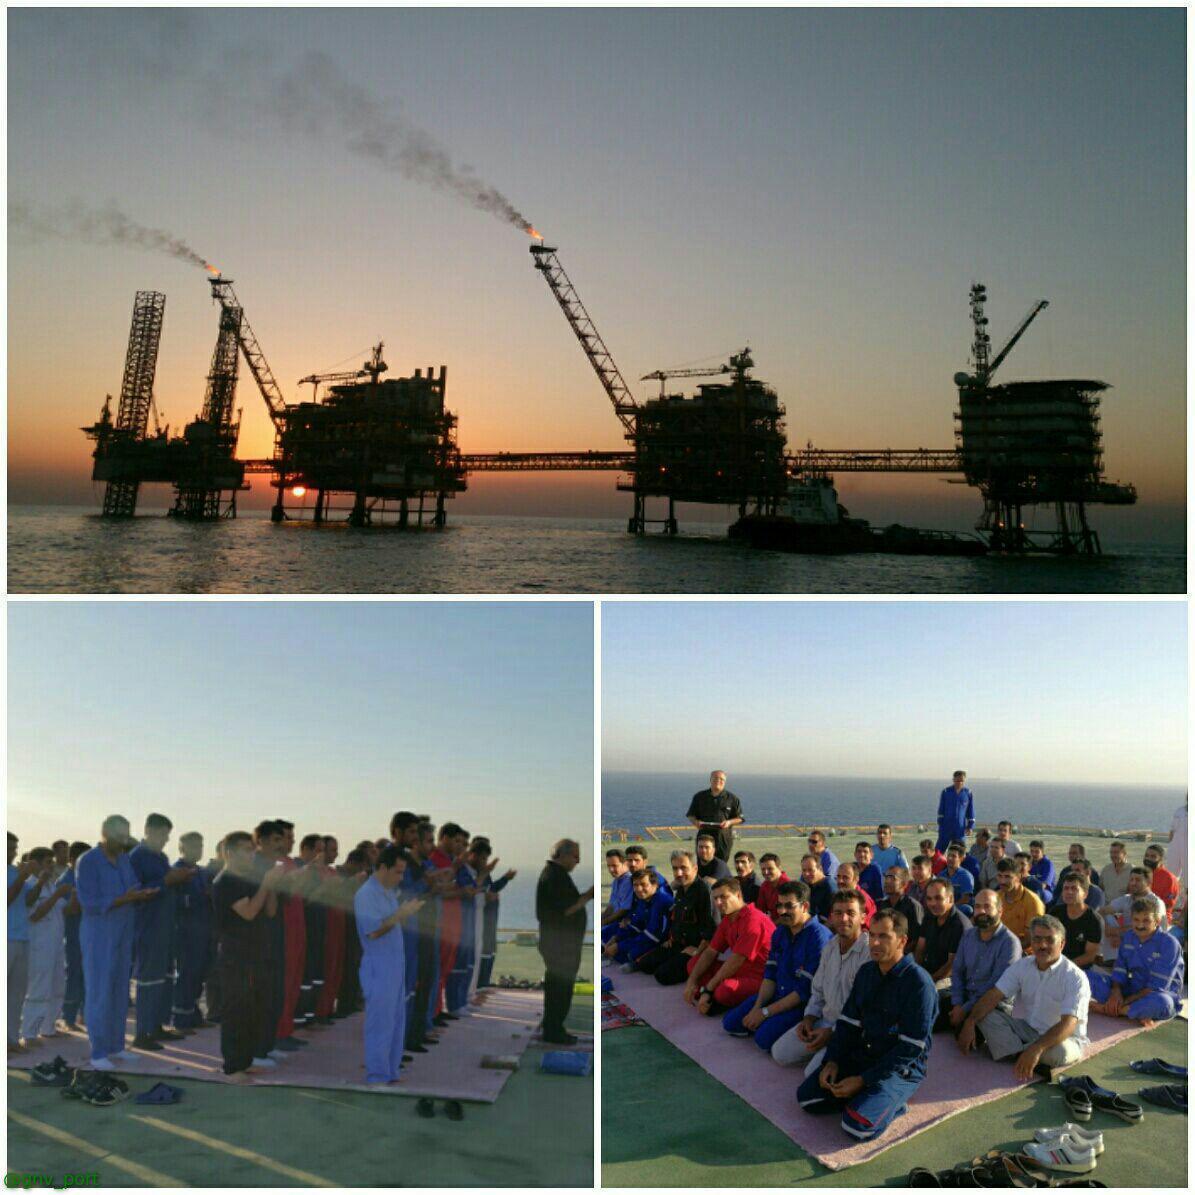 نماز عیدفطر در سکوی نفتی